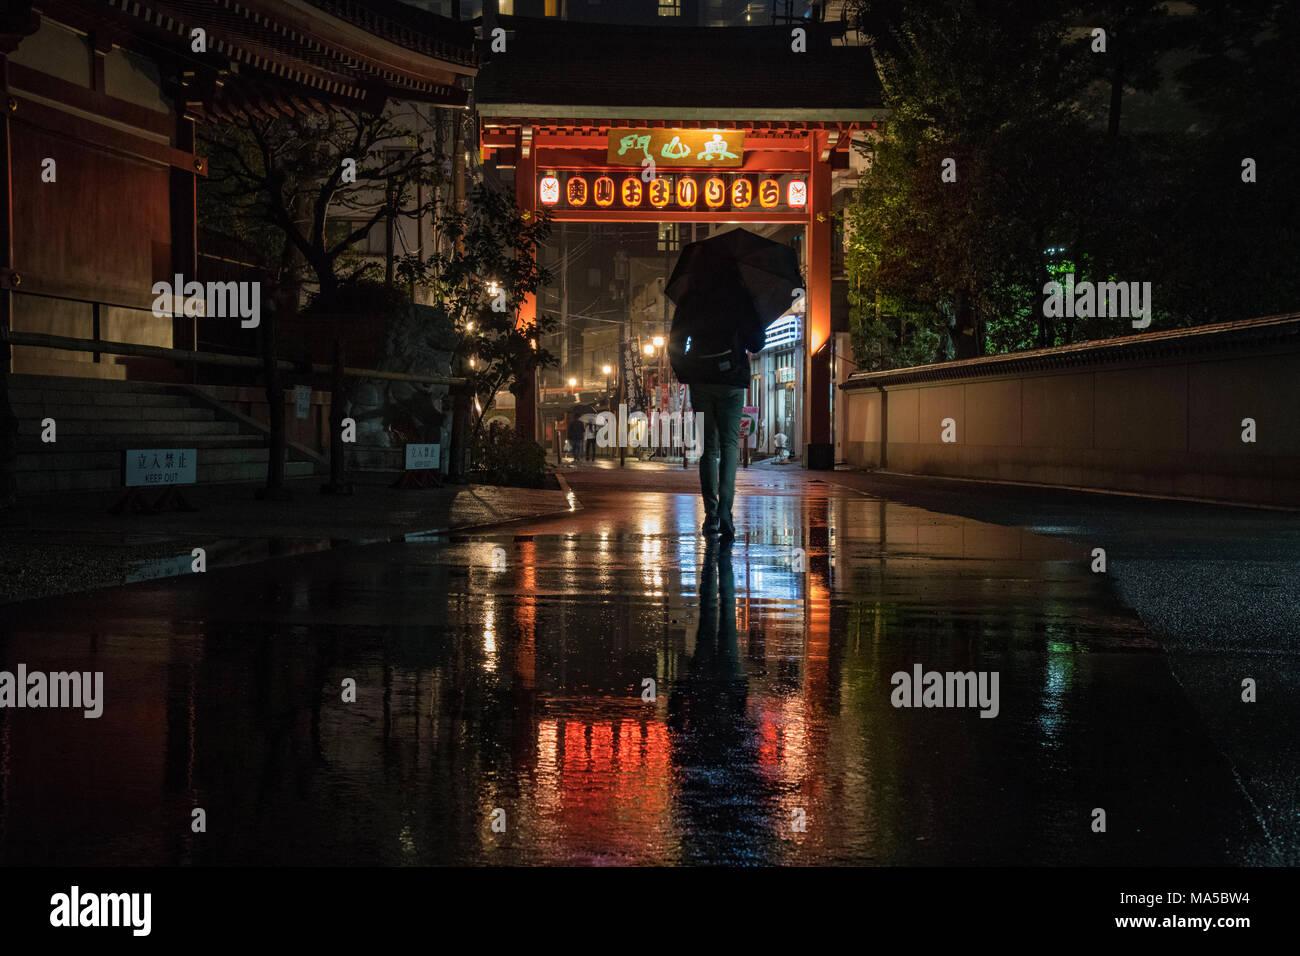 Asien, Japan, Nihon, Nippon, Tokio, Taito, Asakusa, Menschen mit Regenschirm Spaziergänge im Regen Stockbild